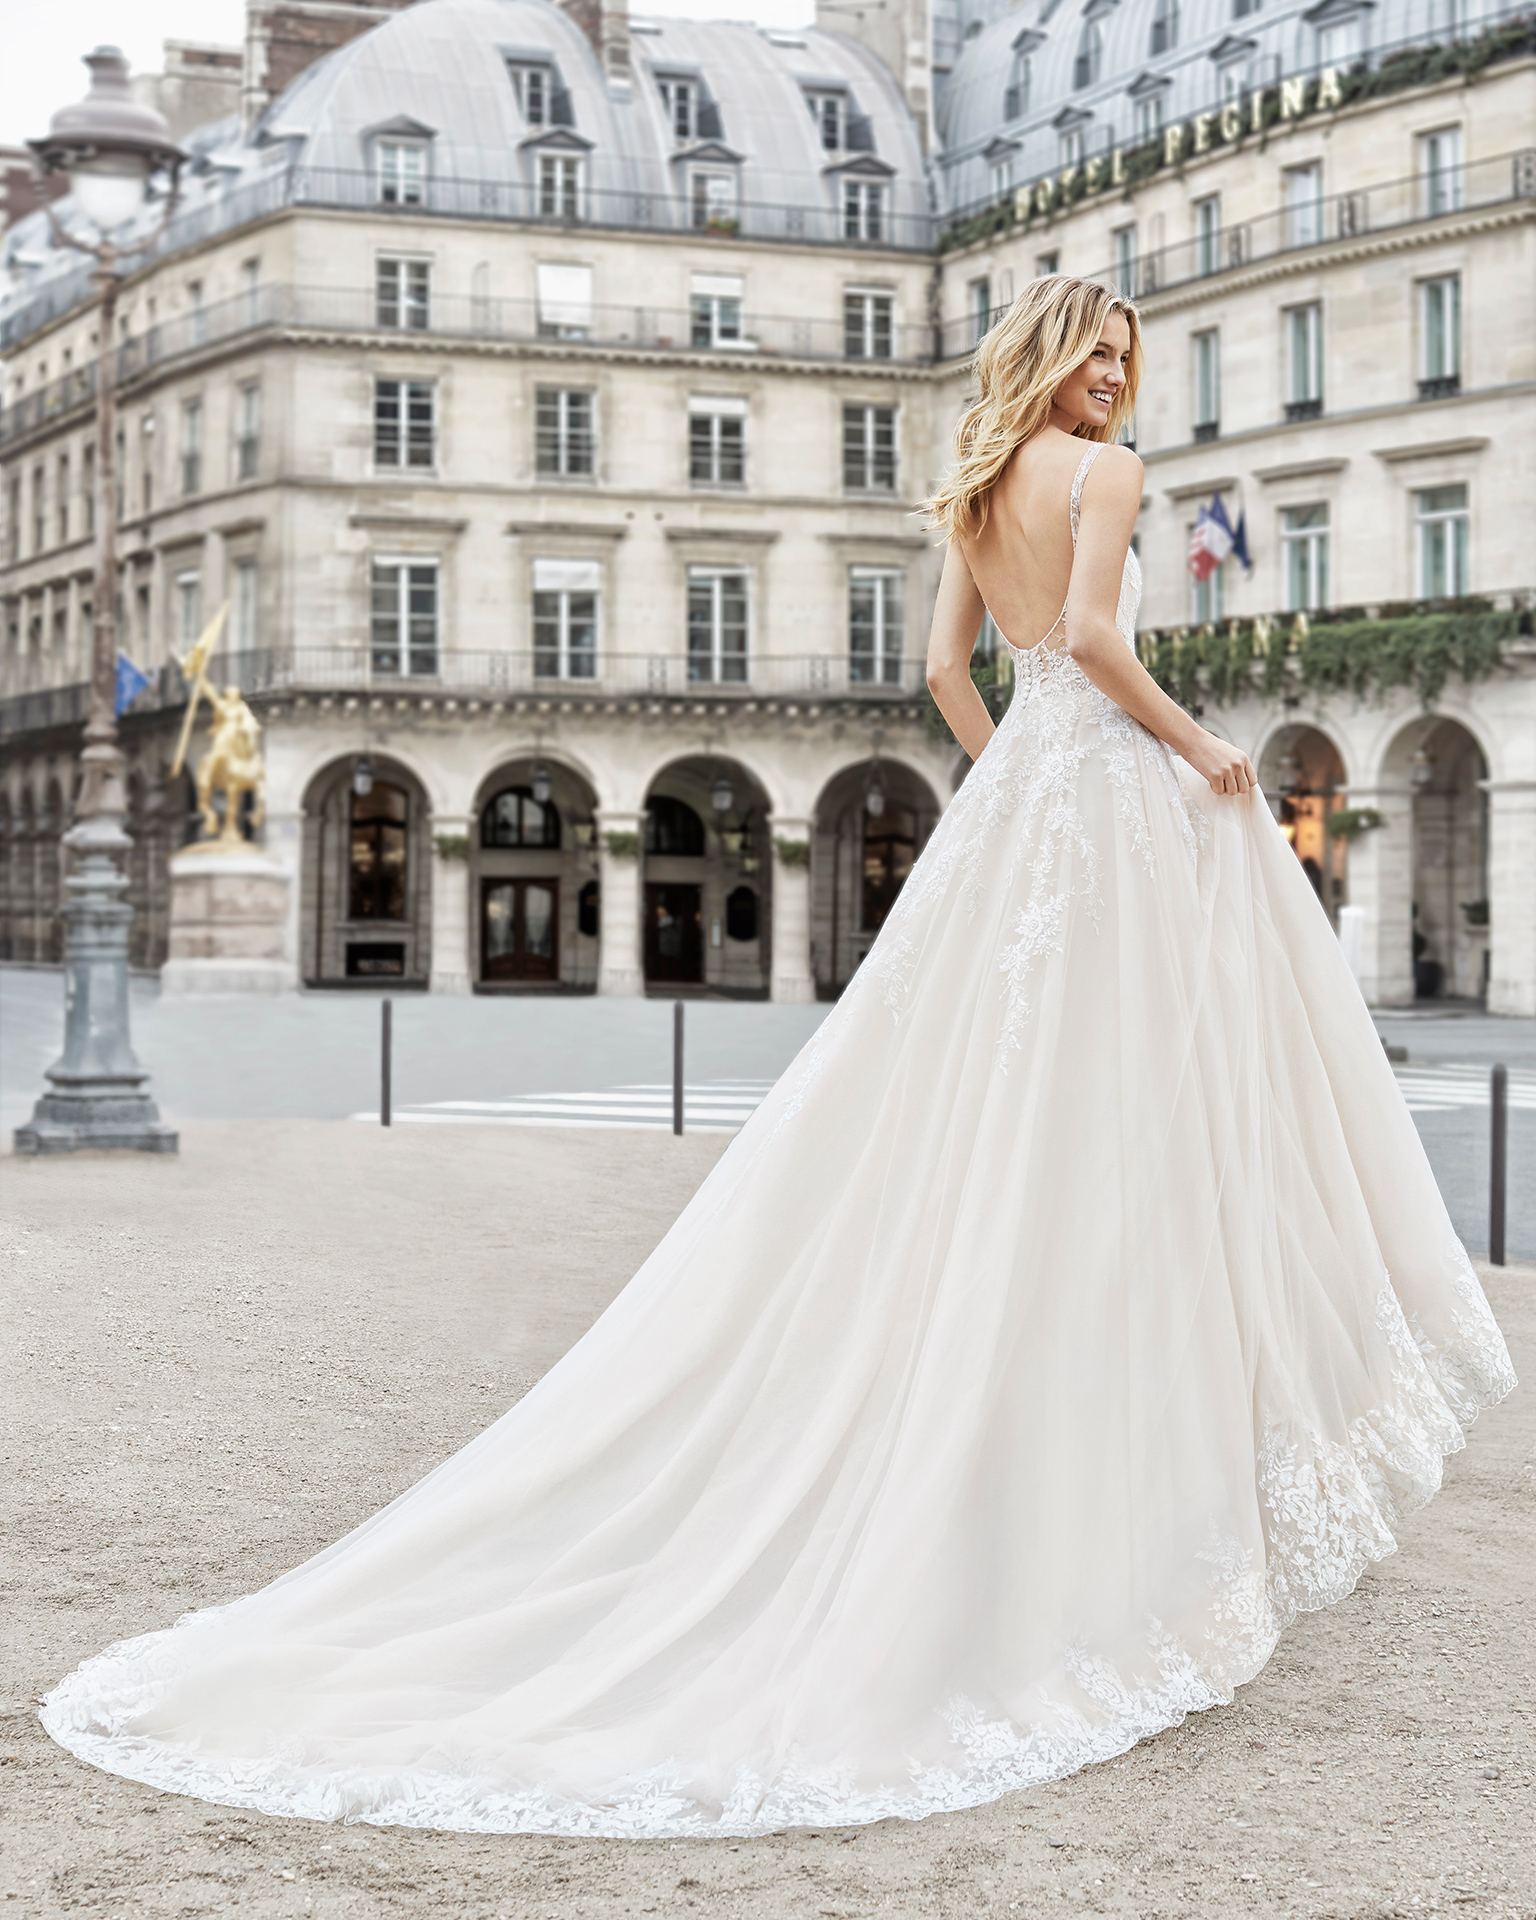 Vestido de noiva estilo princesa de renda e tule real. Decote em V e costas decotadas. Disponível em âmbar, azul-gelo e cor natural. Coleção AIRE BARCELONA 2019.